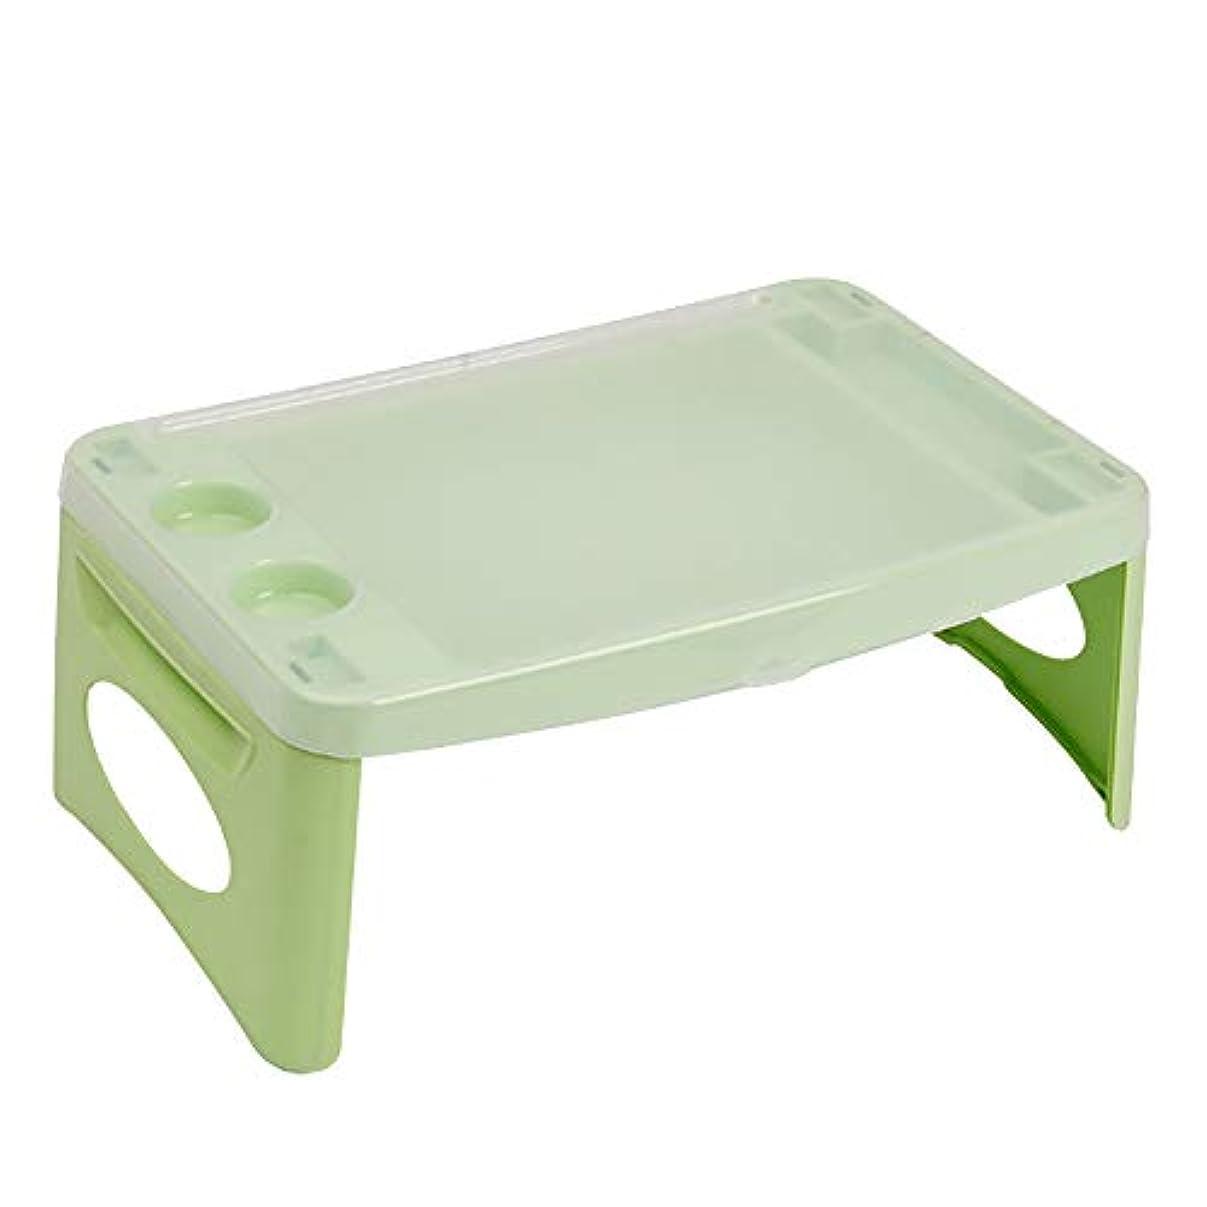 カタログ輝く極貧折り畳みテーブルプラスチック多機能折り畳みコンピュータテーブル怠惰な学習小さな机のテーブルの土地のノートブックテーブルライトグリーン 47 * 28.8 * 18.8cm